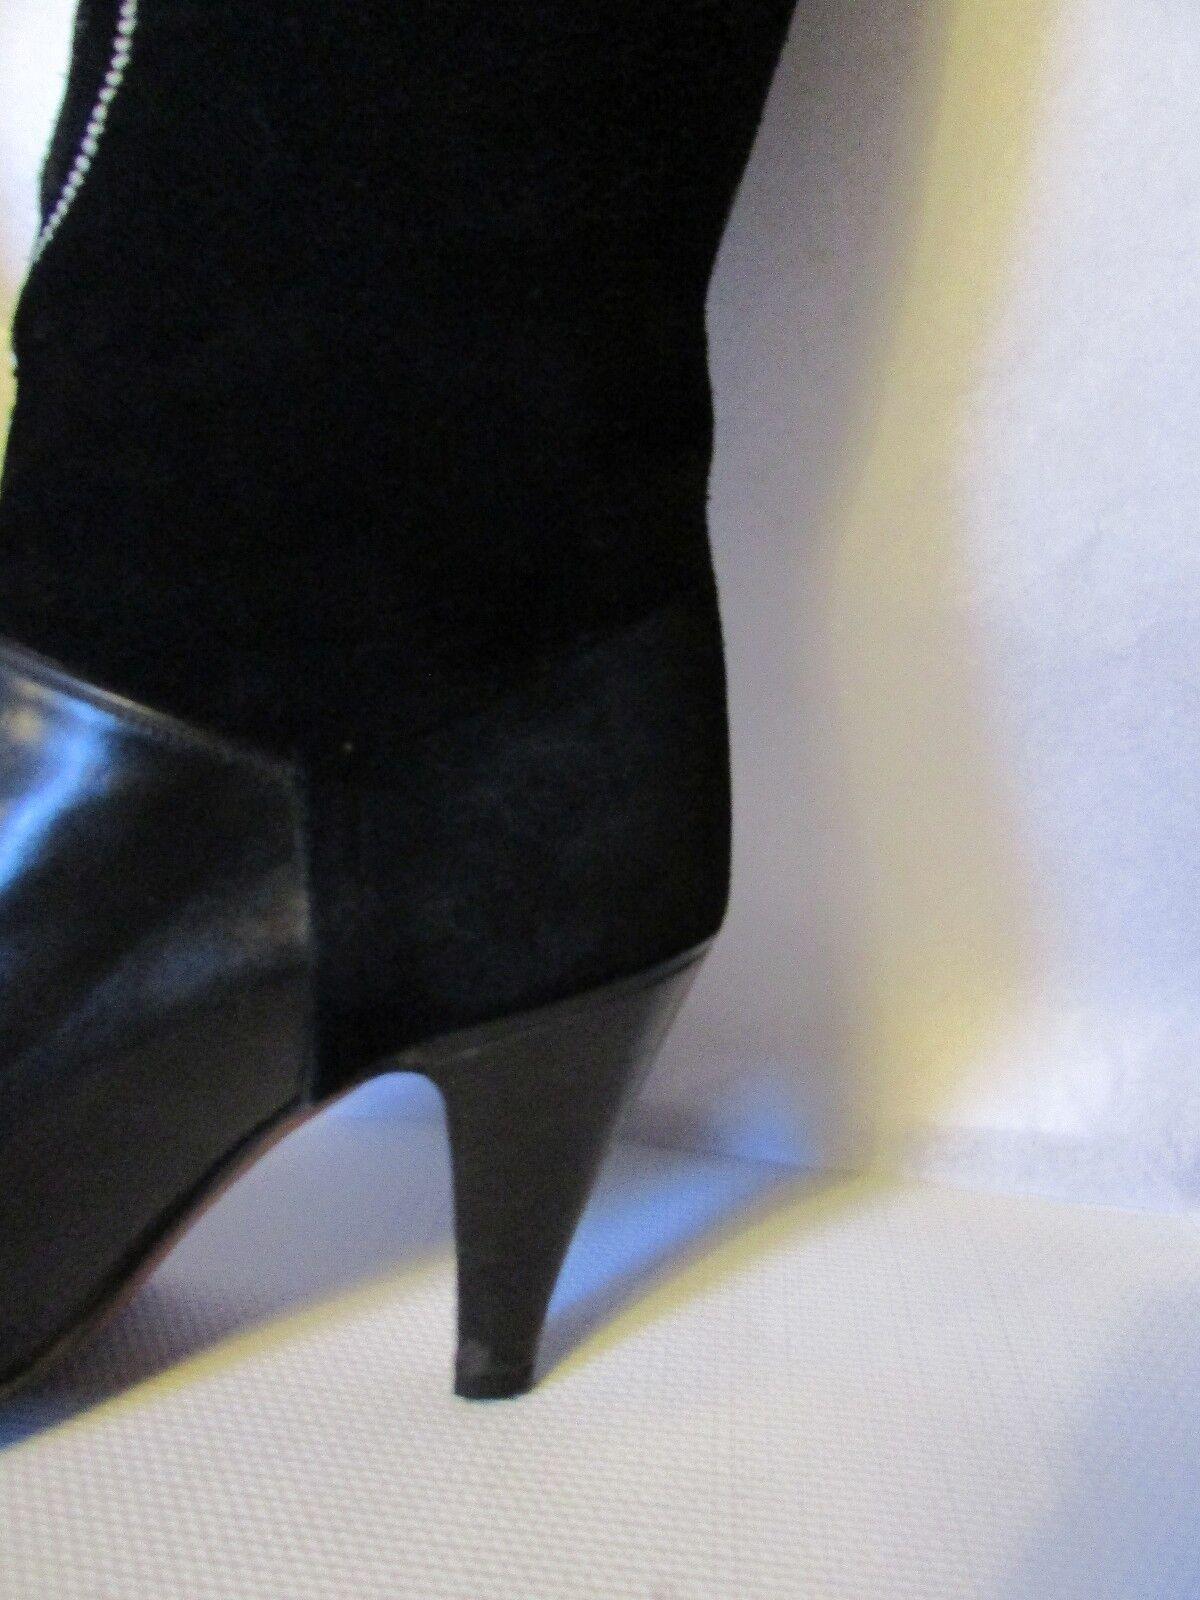 Stiefel Stiefel Stiefel vintage polini wildleder und blackes leder größe 36,5 75837e